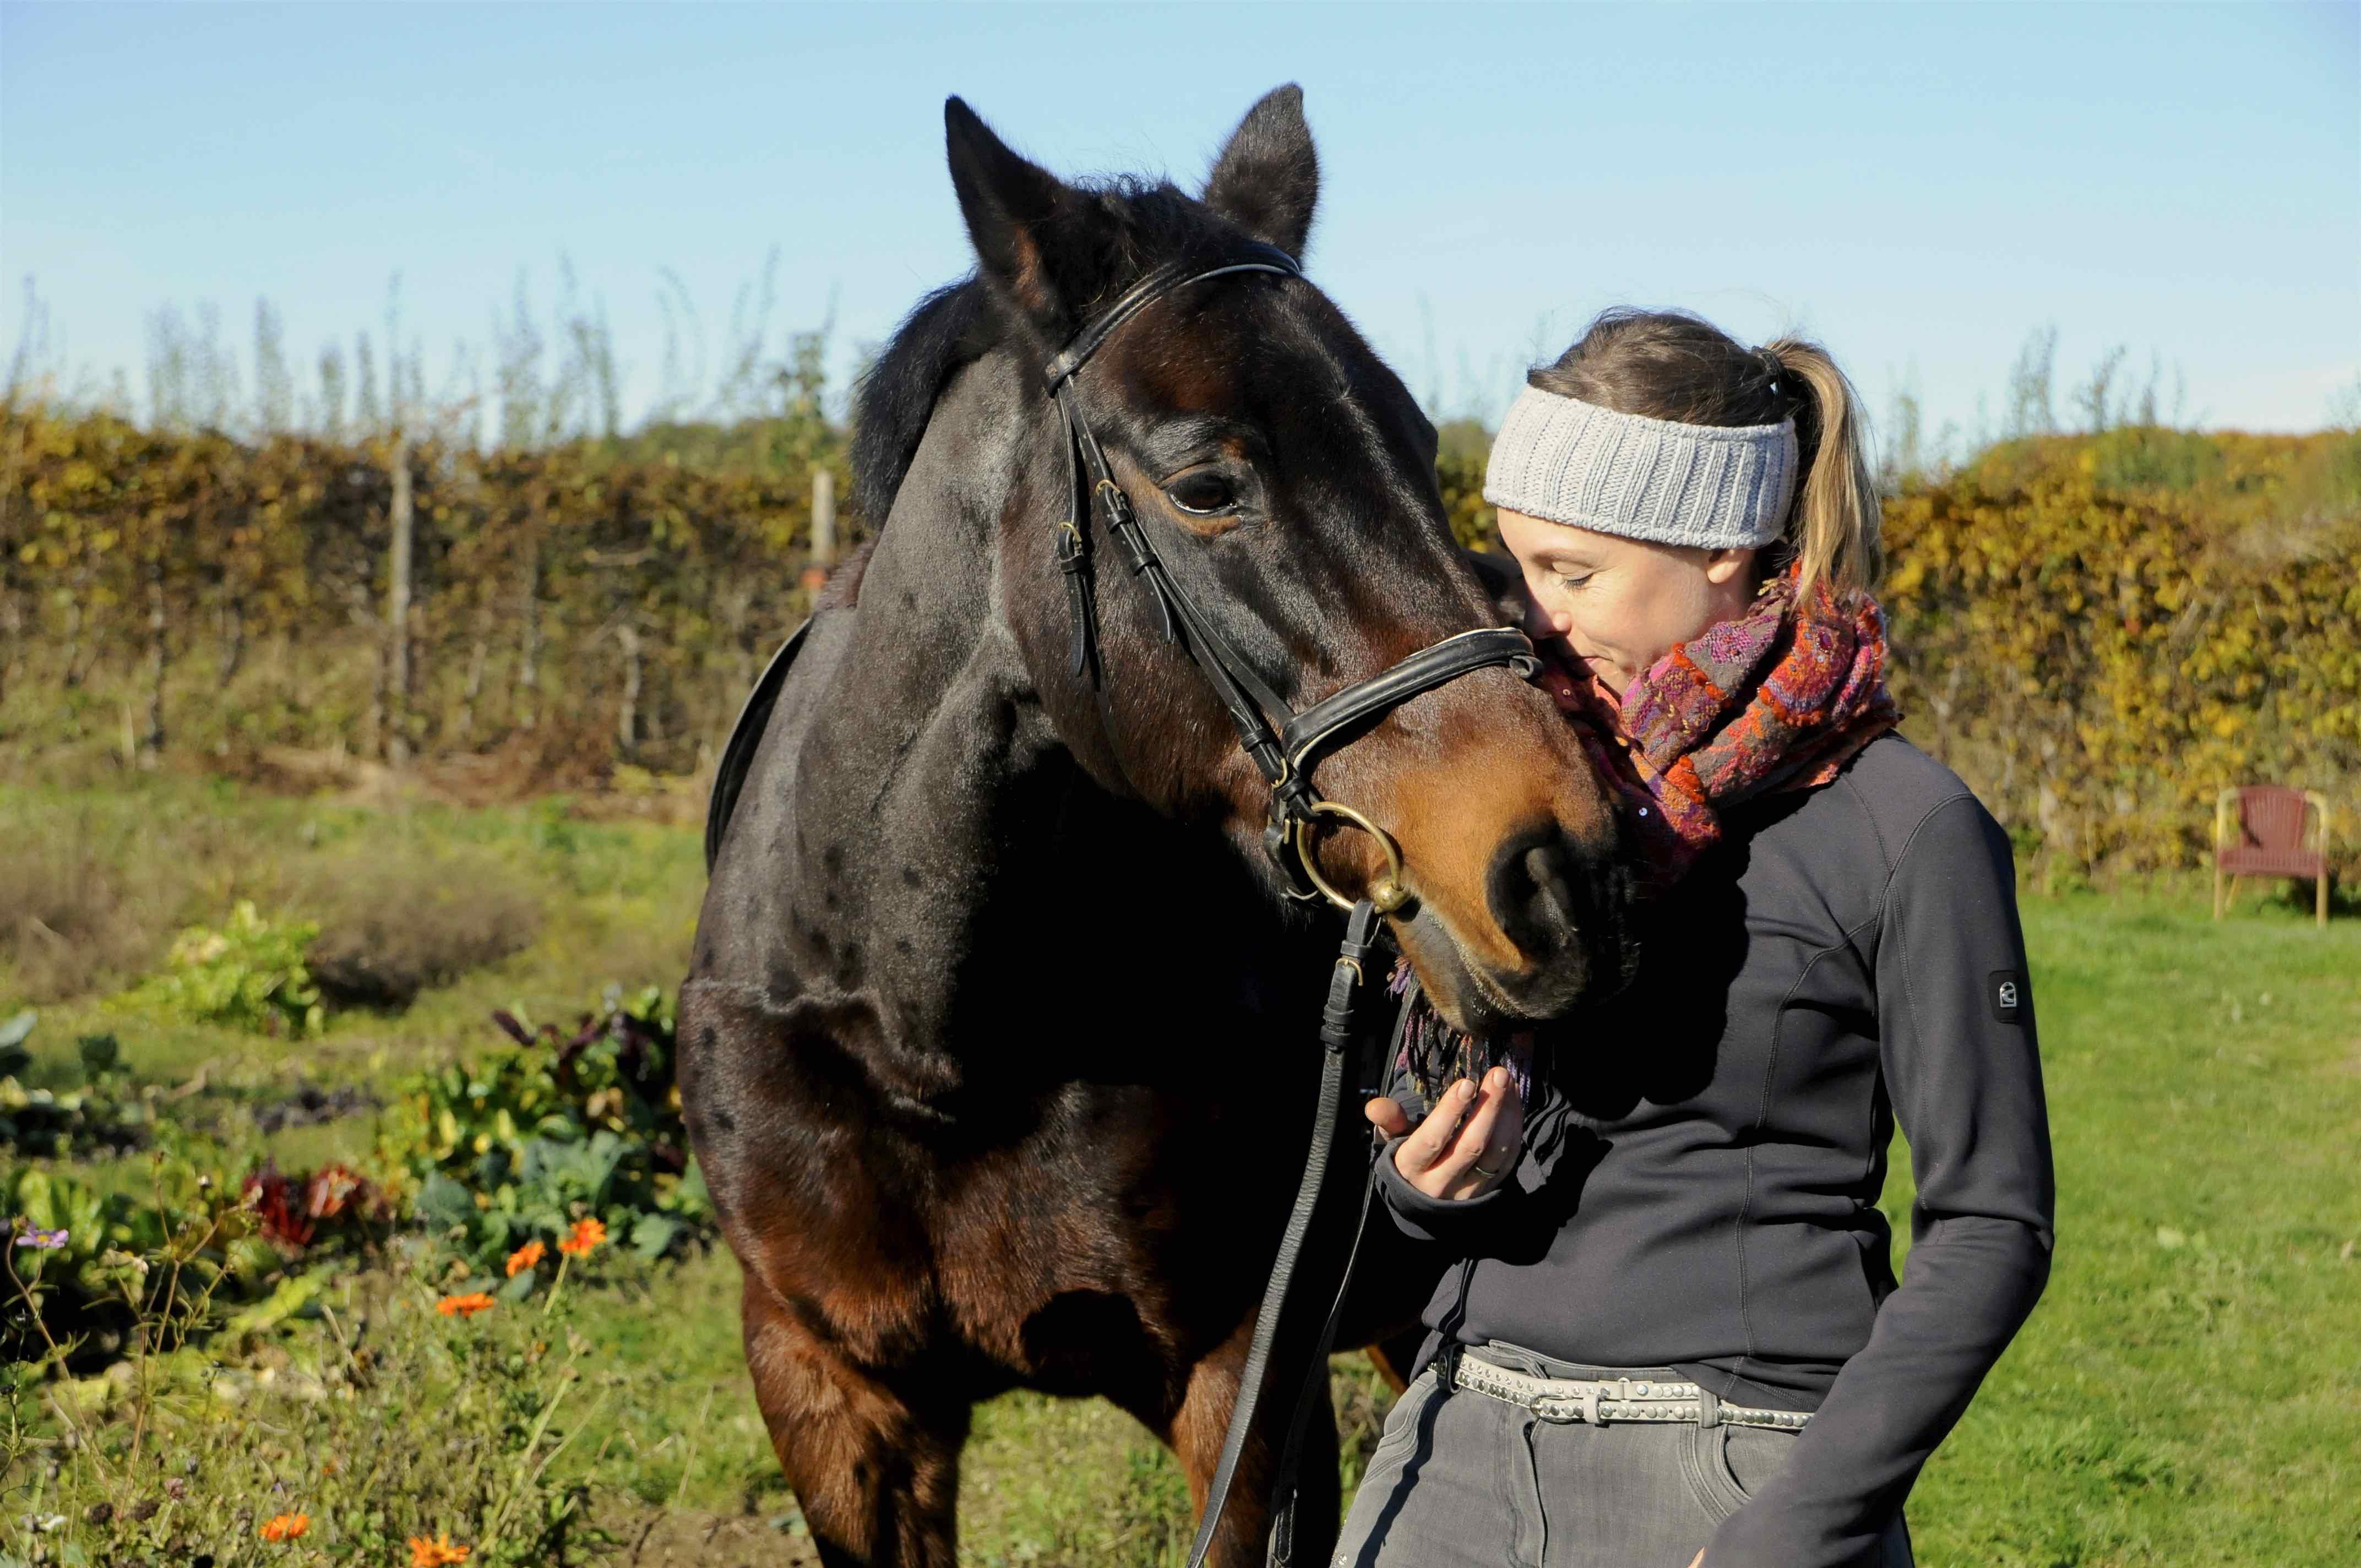 _dsc4585_cavallo_alifewithhorses